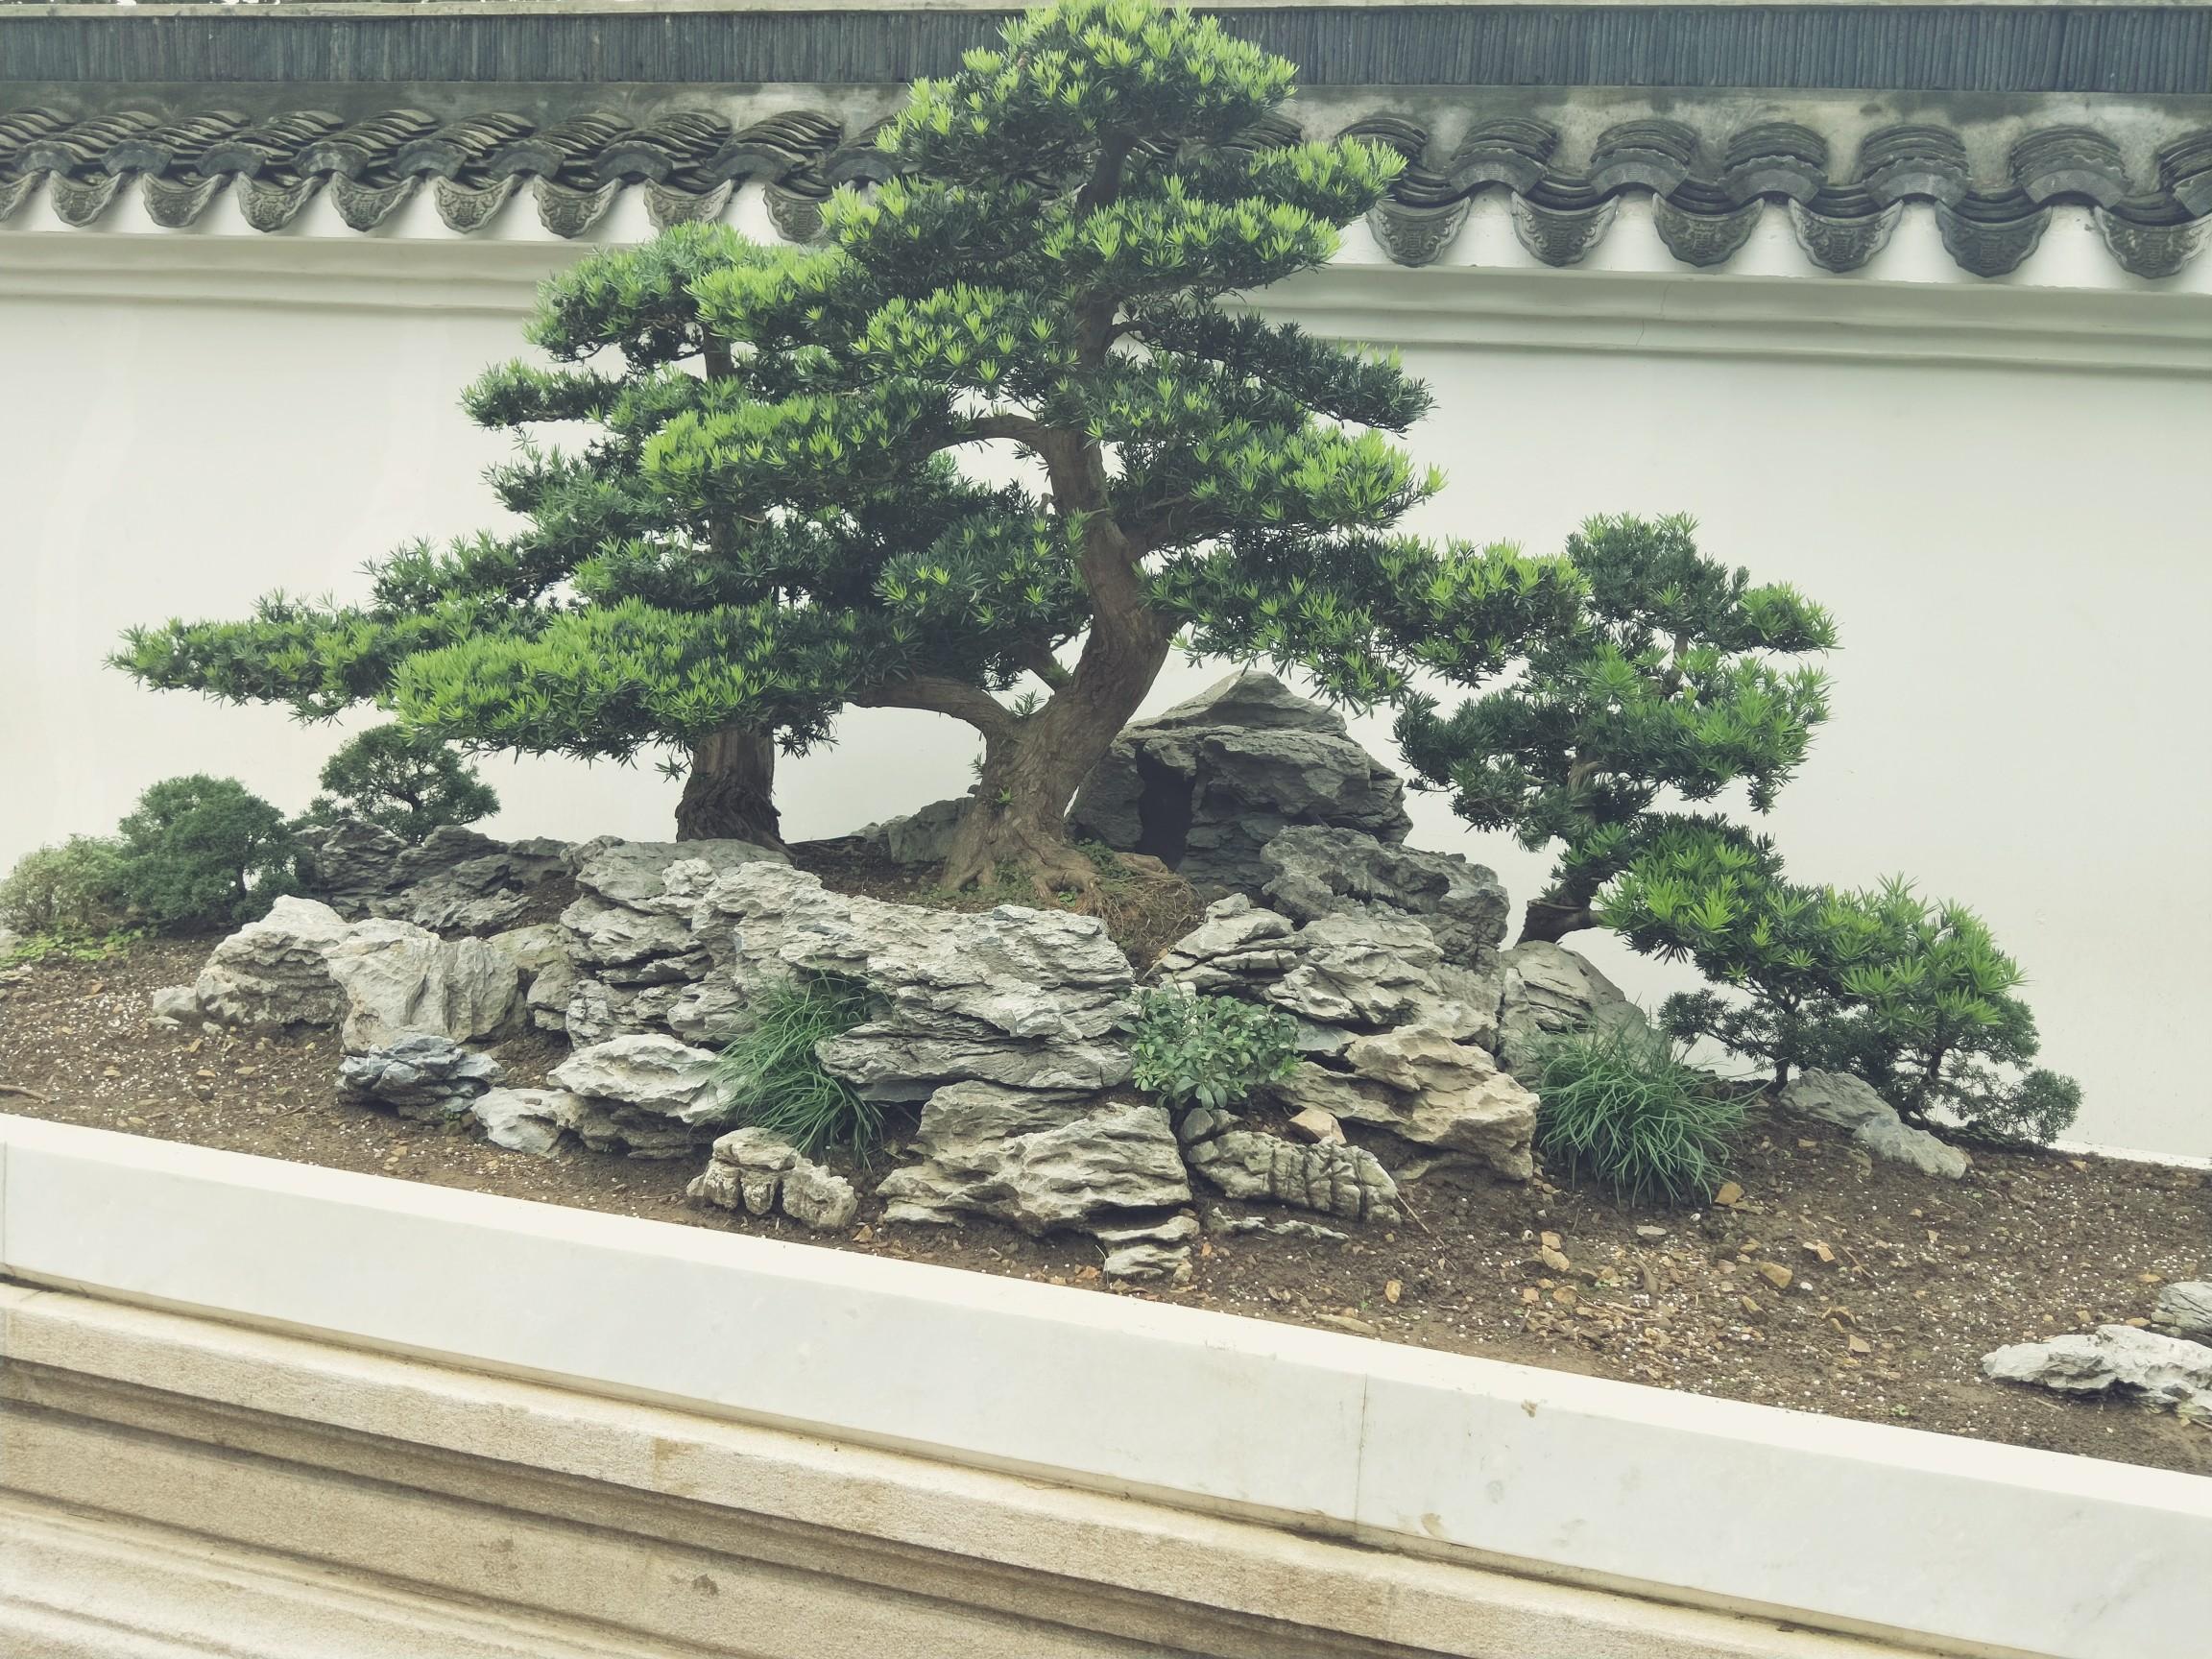 松树盆景.